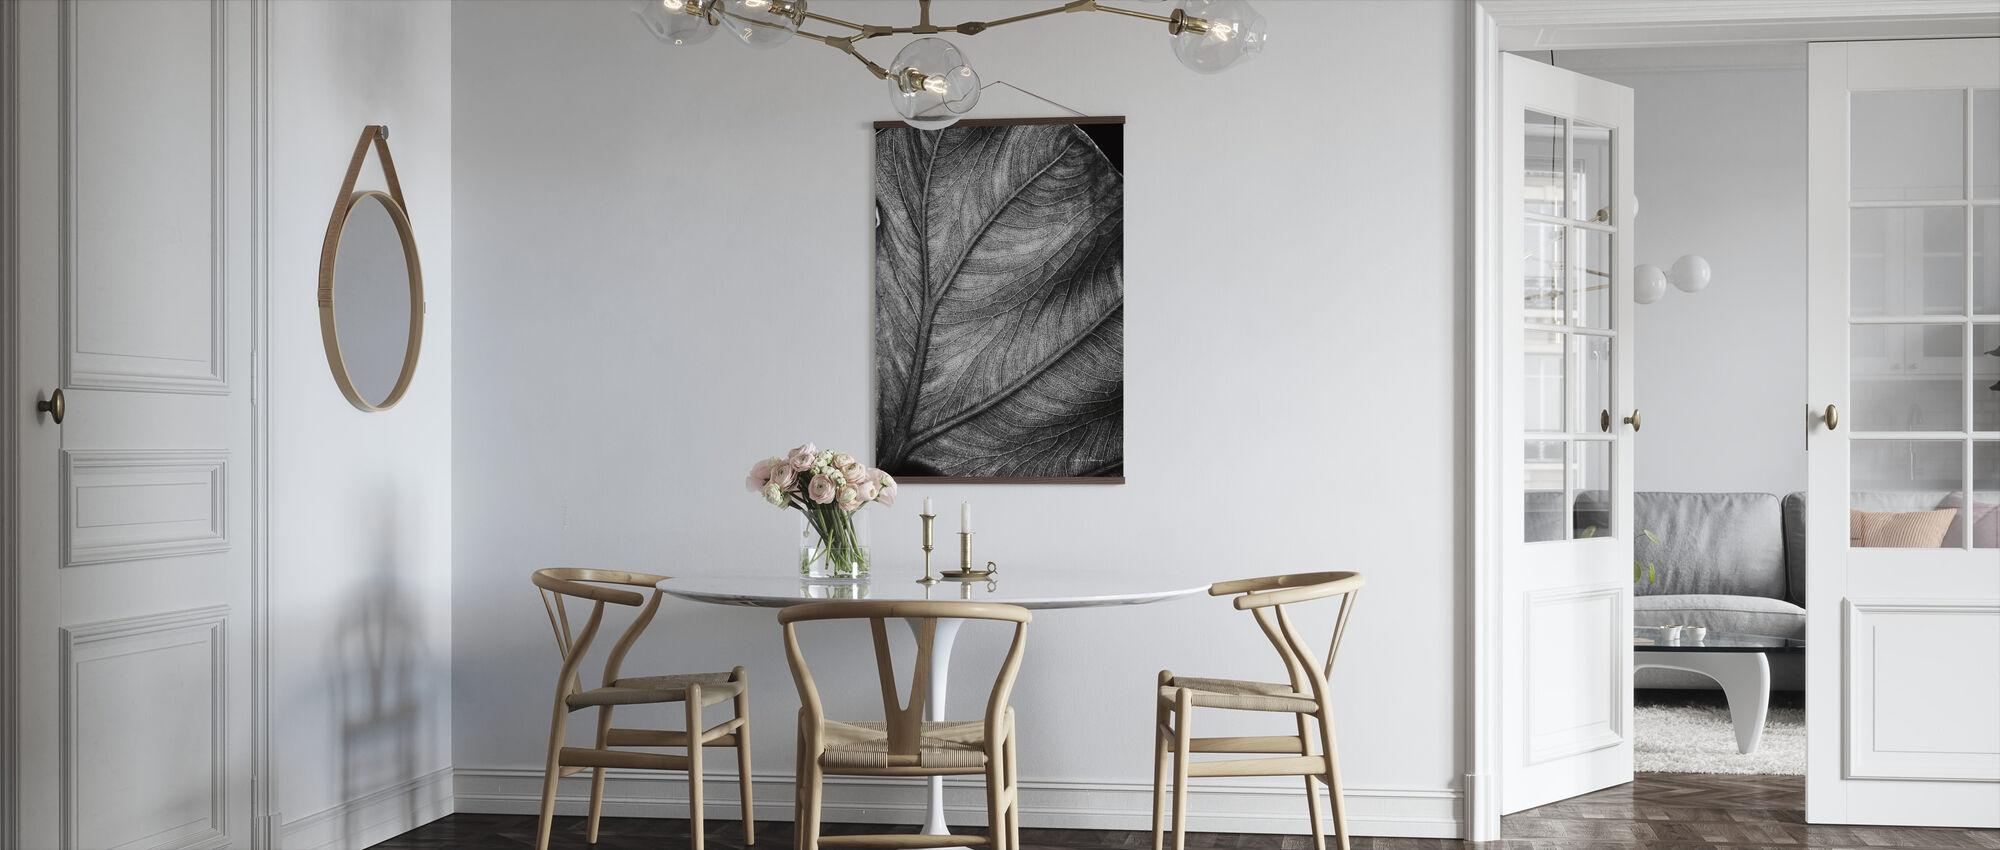 Elefantenohr - Poster - Küchen